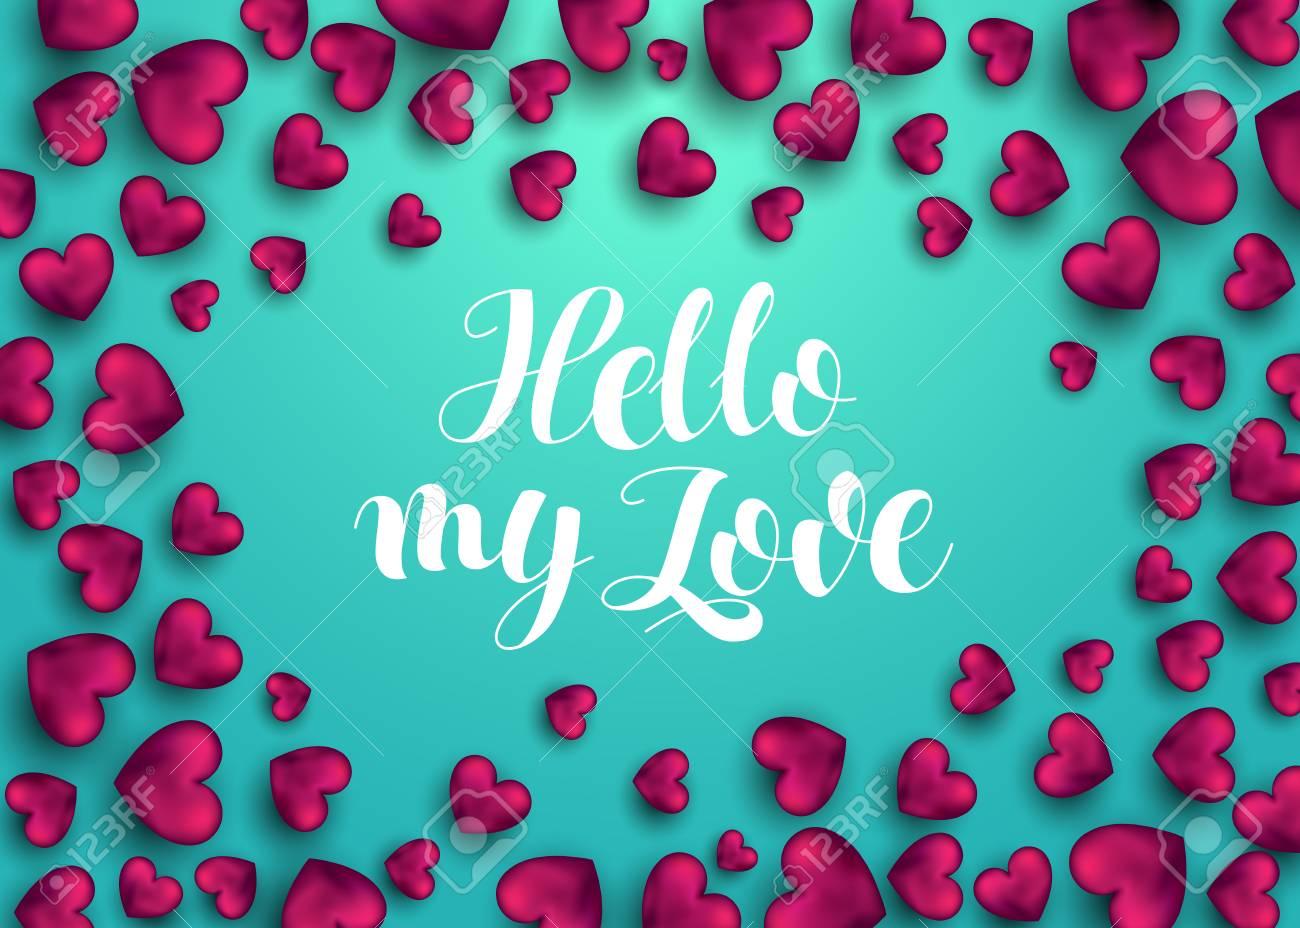 Hola Hola Frase De Amor Para La Tarjeta Con El Corazon Rosa Tarjeta